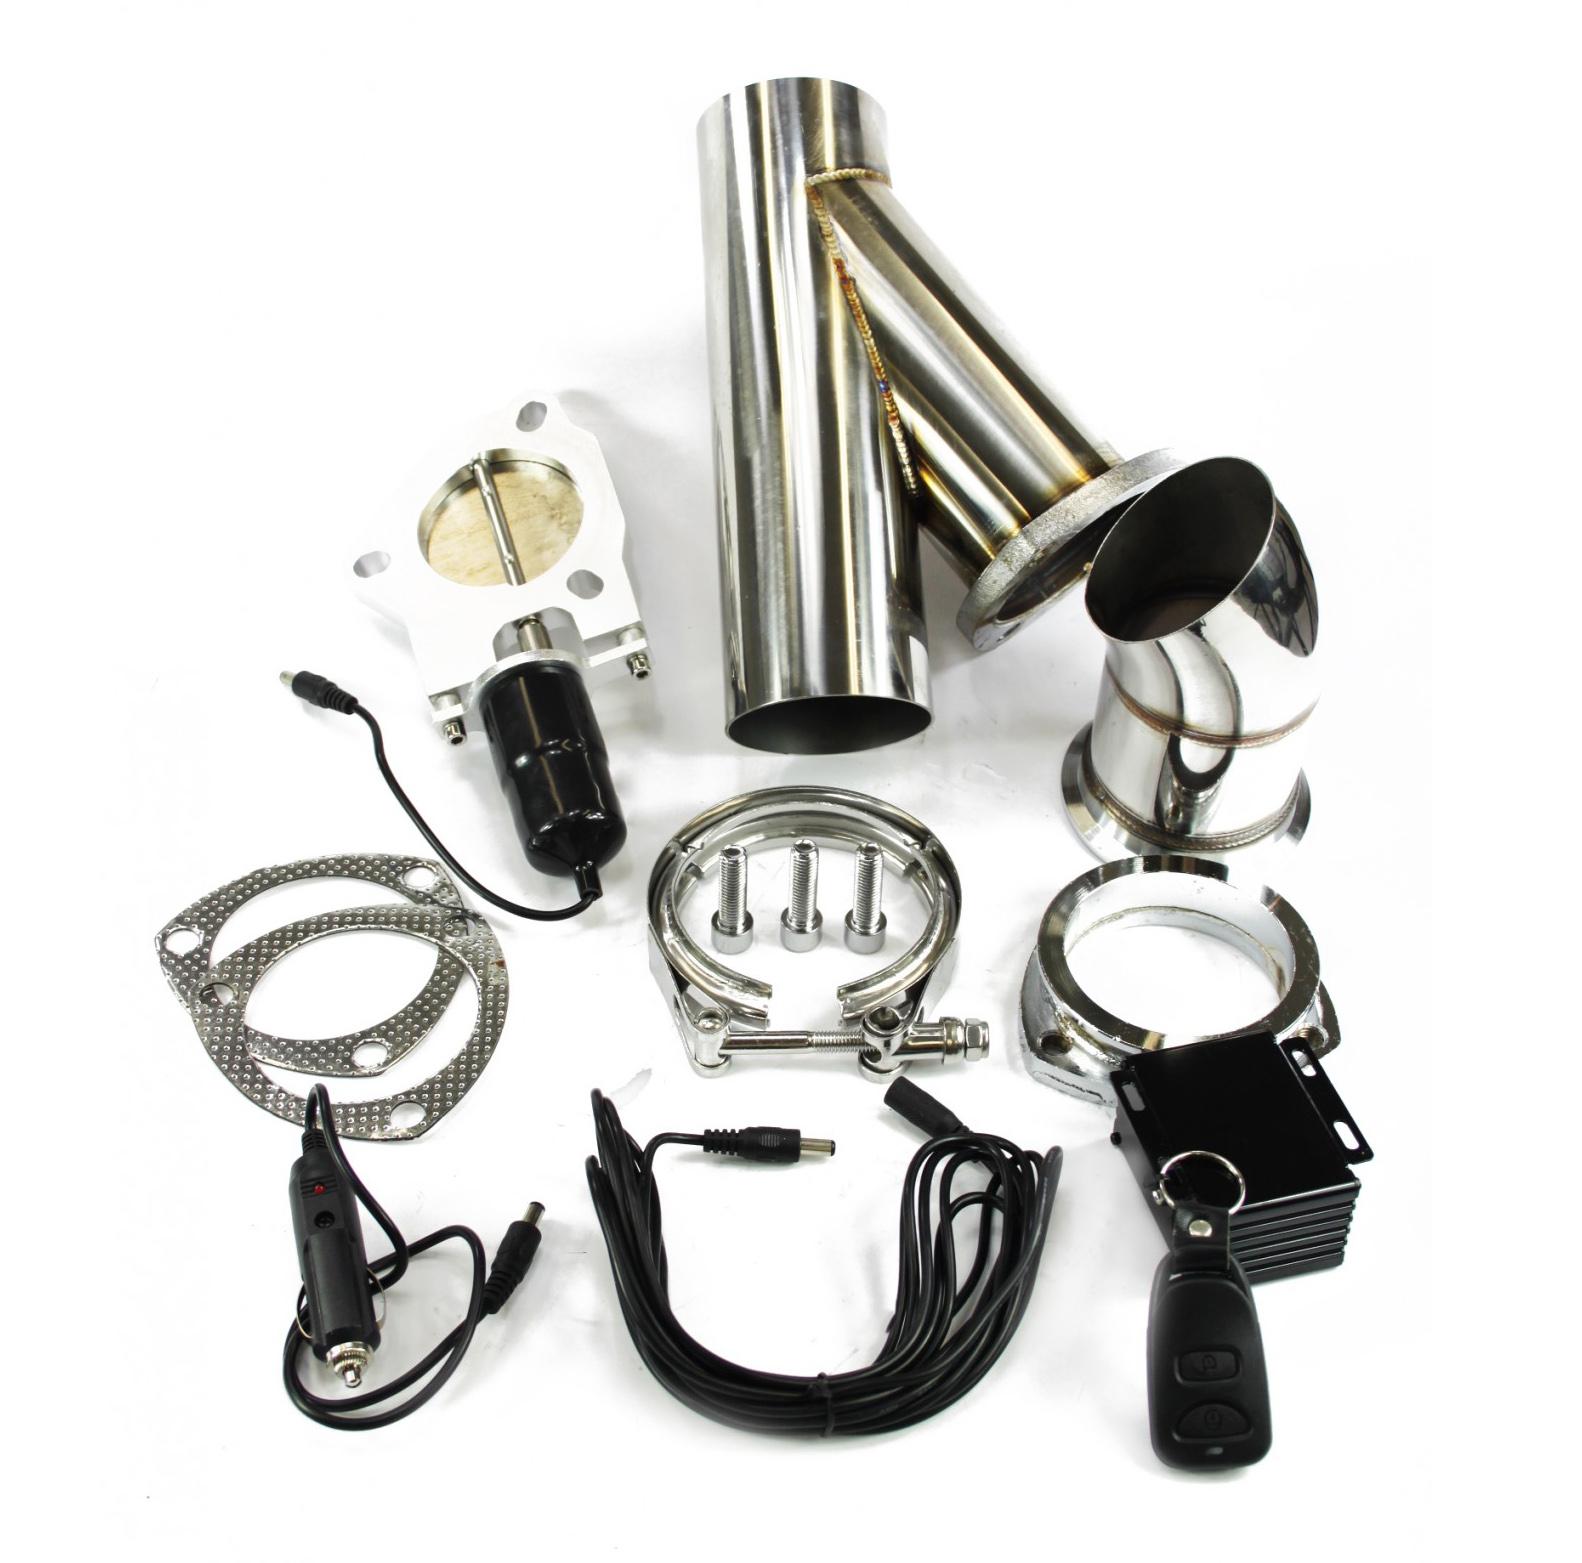 Klappenauspuff-System mit Zusatzrohr, elektrisch inkl. Fernbedienung - 76mm Außendurchmesser